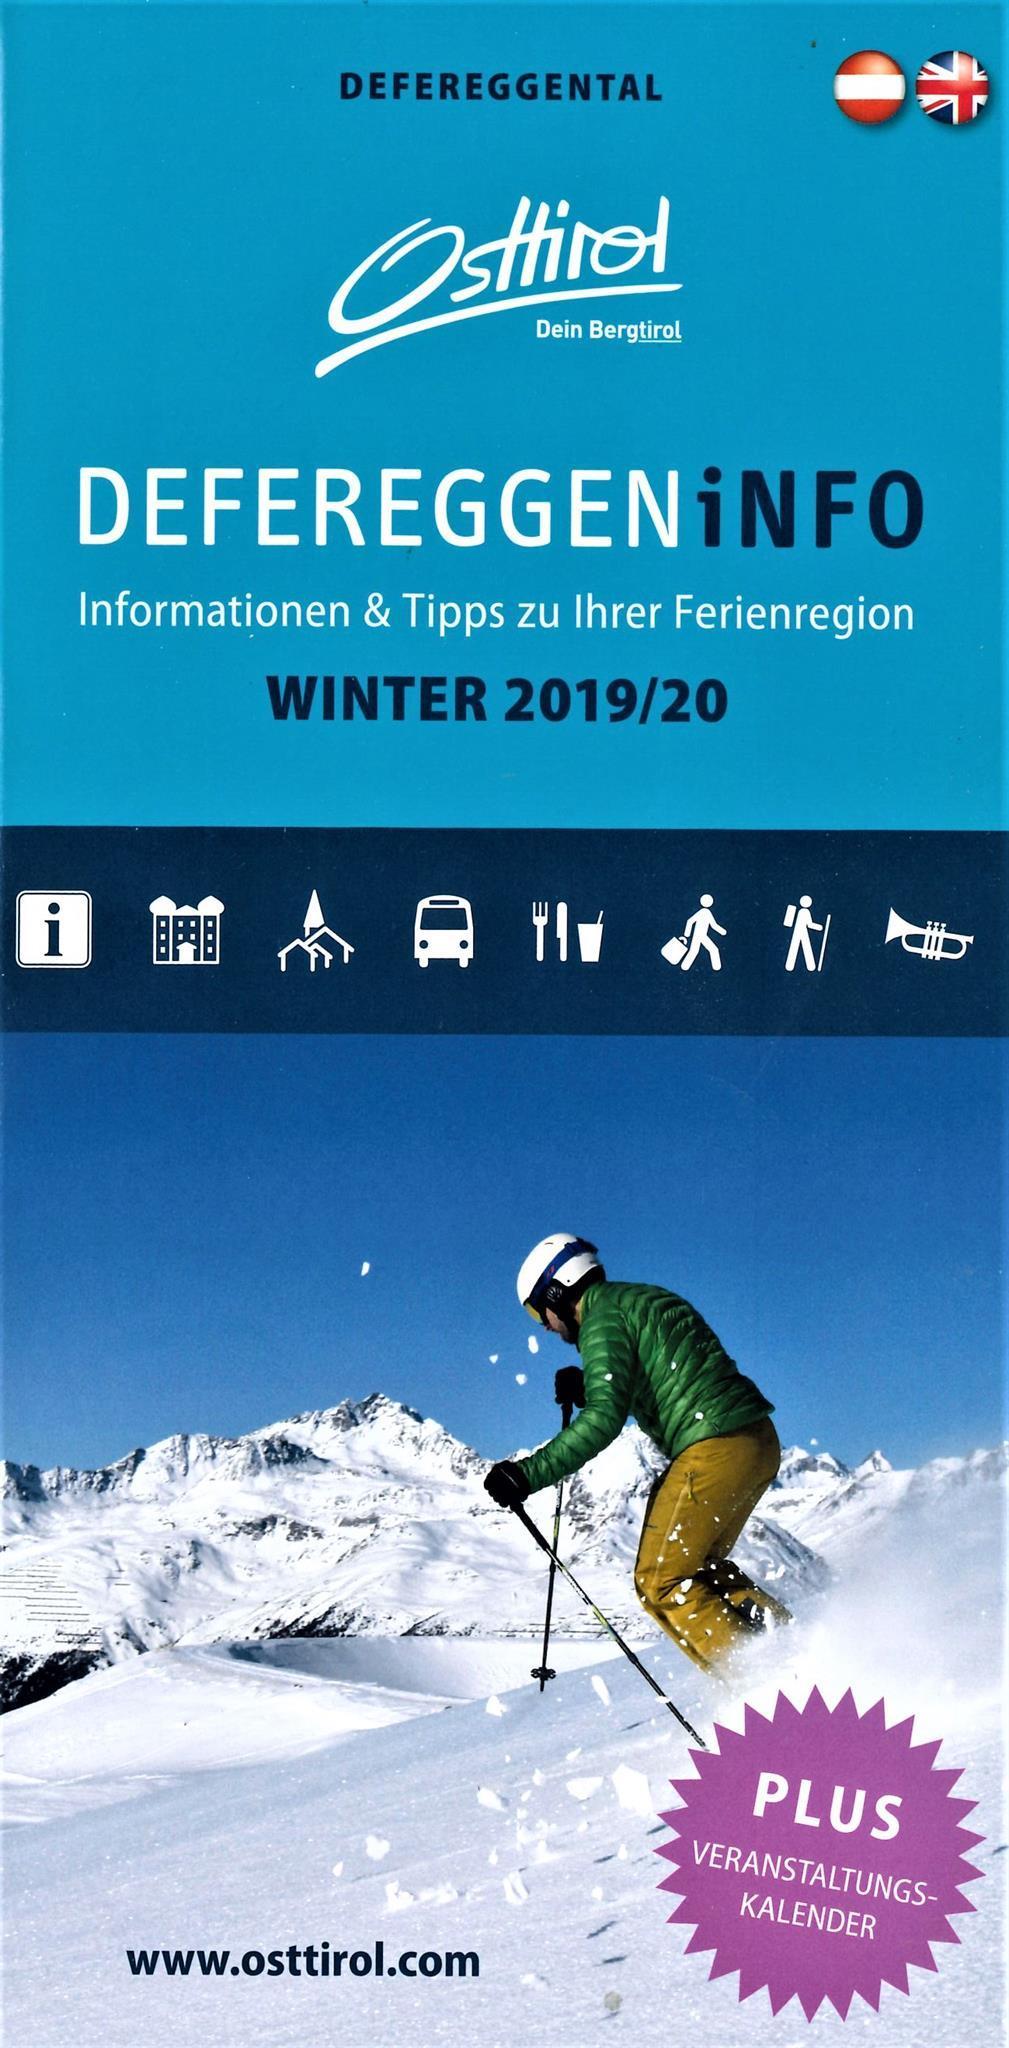 Cover-Defereggen-Info-Winter-2019-20.jpg